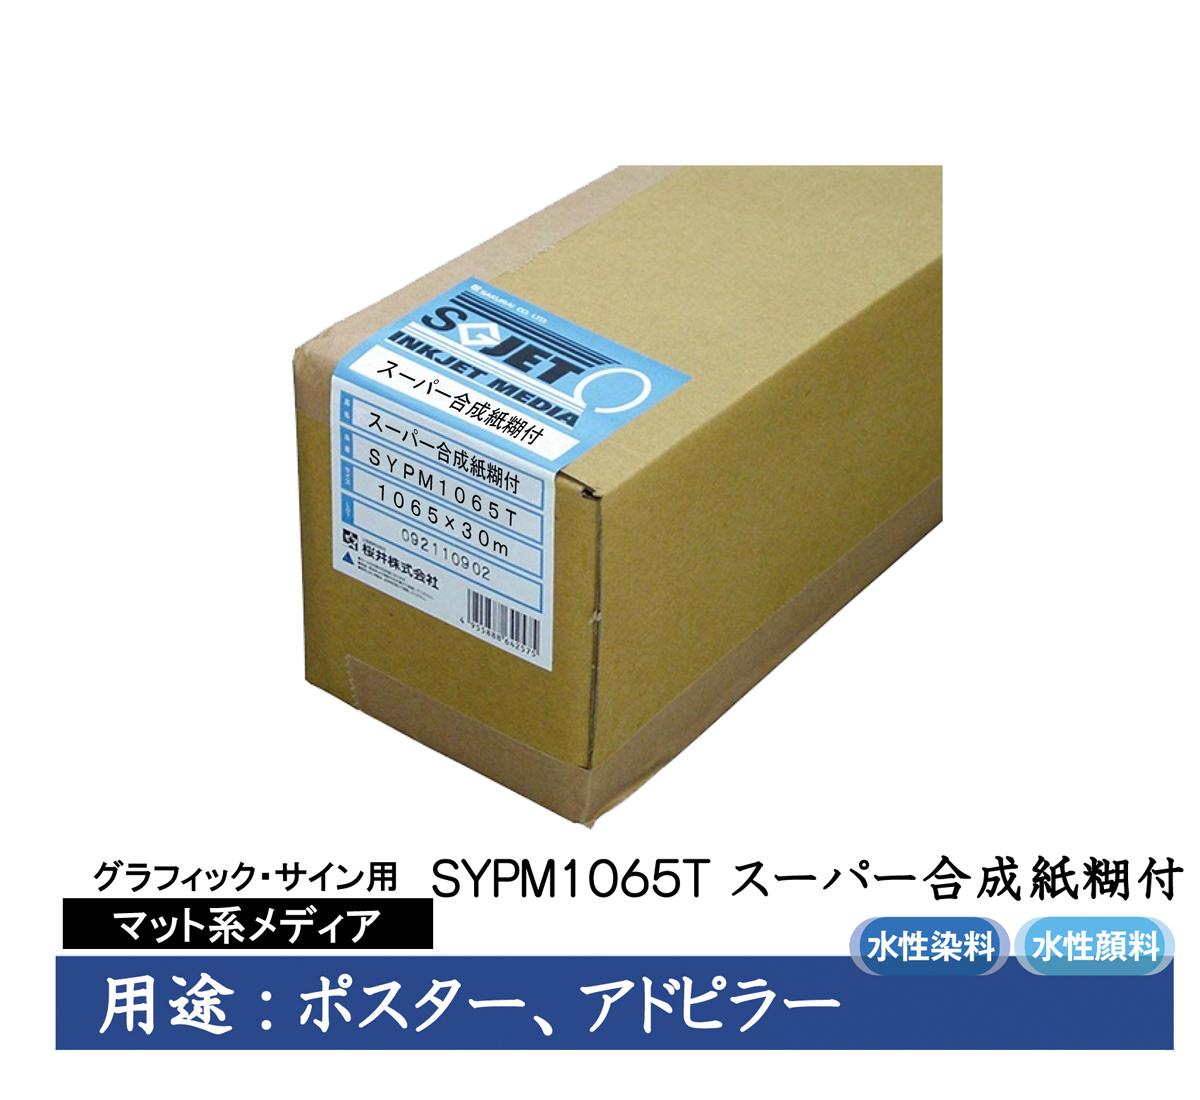 桜井 グラフィック・サイン用インクジェット用紙 スーパー合成紙糊付 1065mm×30m 2インチ 1本入 SYPM1065T